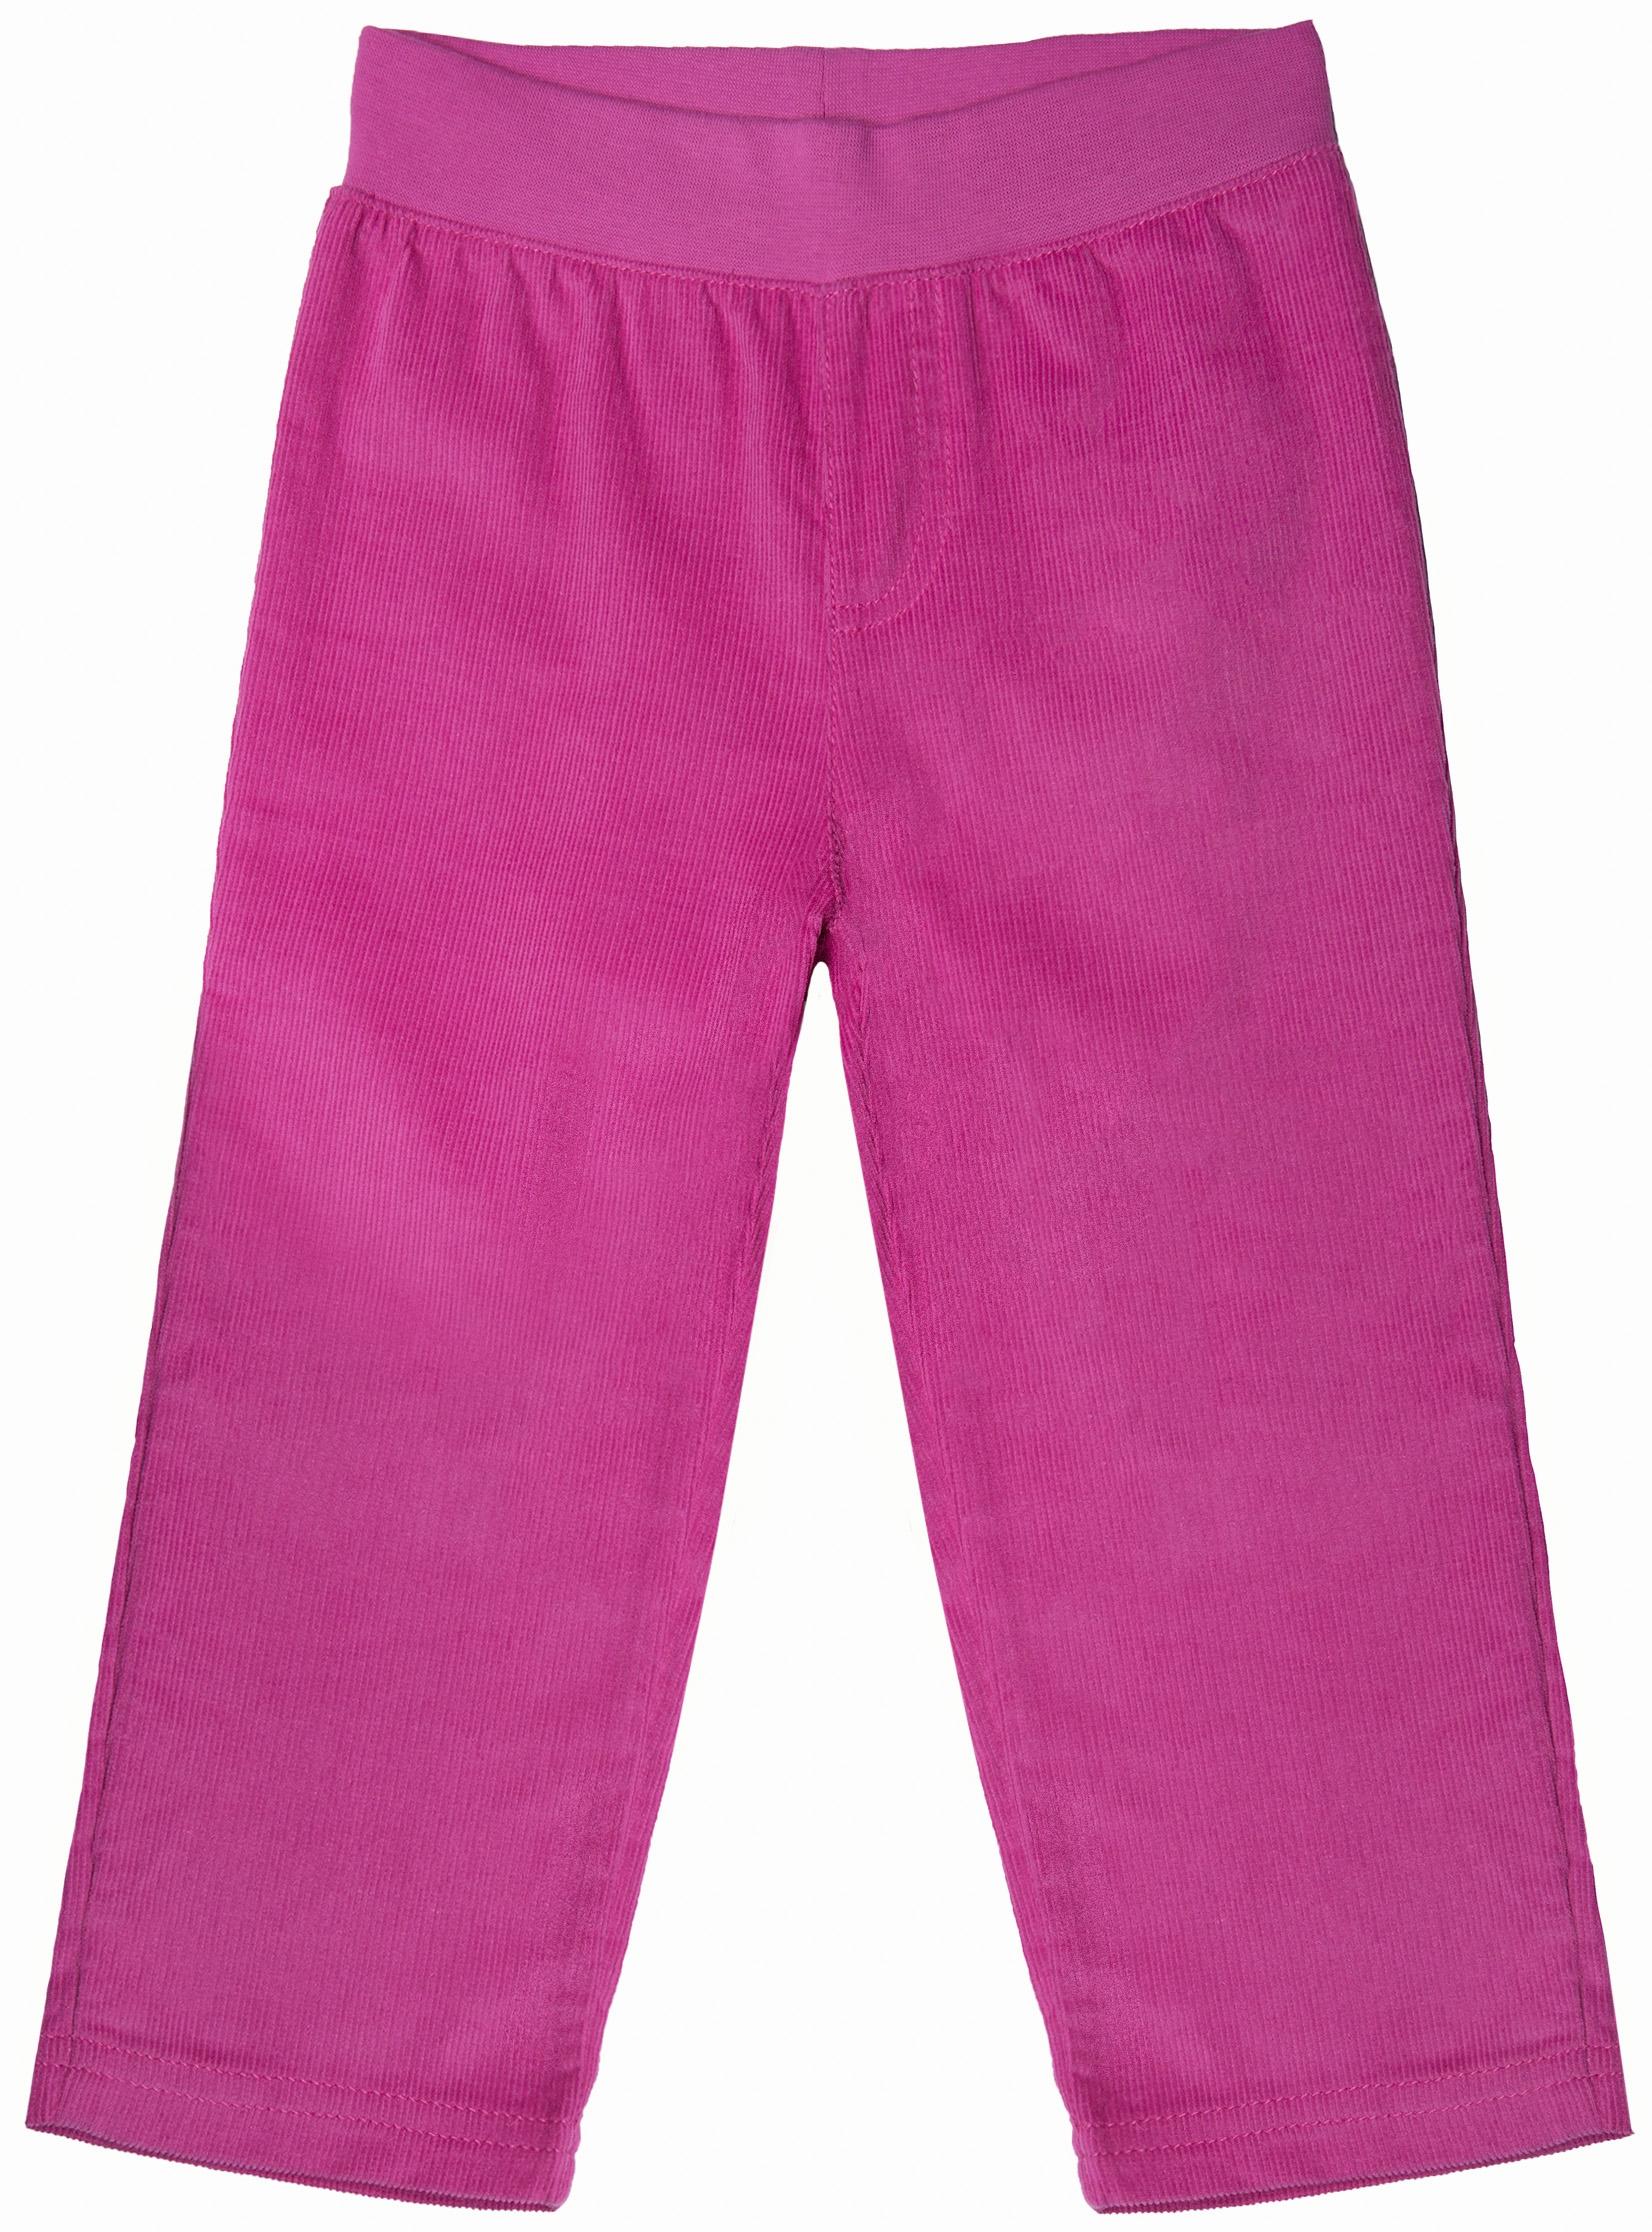 Брюки для девочки Barkito Солнечный берег 1 футболка с длинным рукавом barkito солнечный берег 1